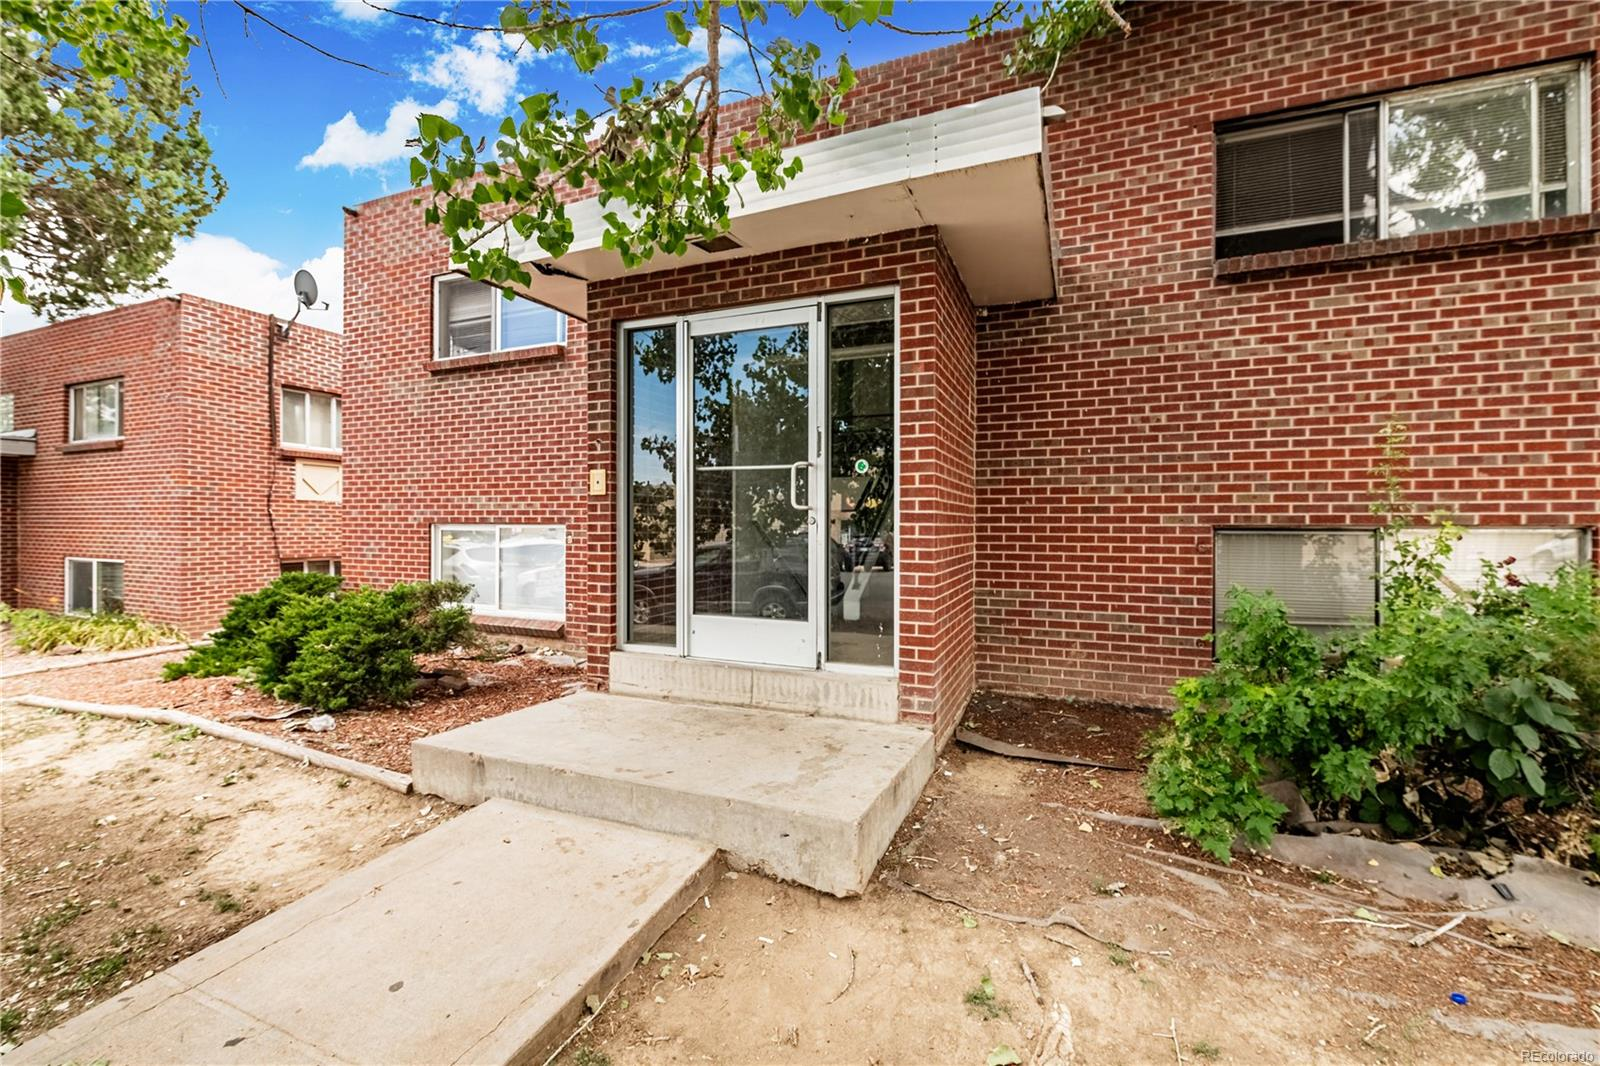 12000 E 14th Avenue, Aurora, CO 80010 - Aurora, CO real estate listing